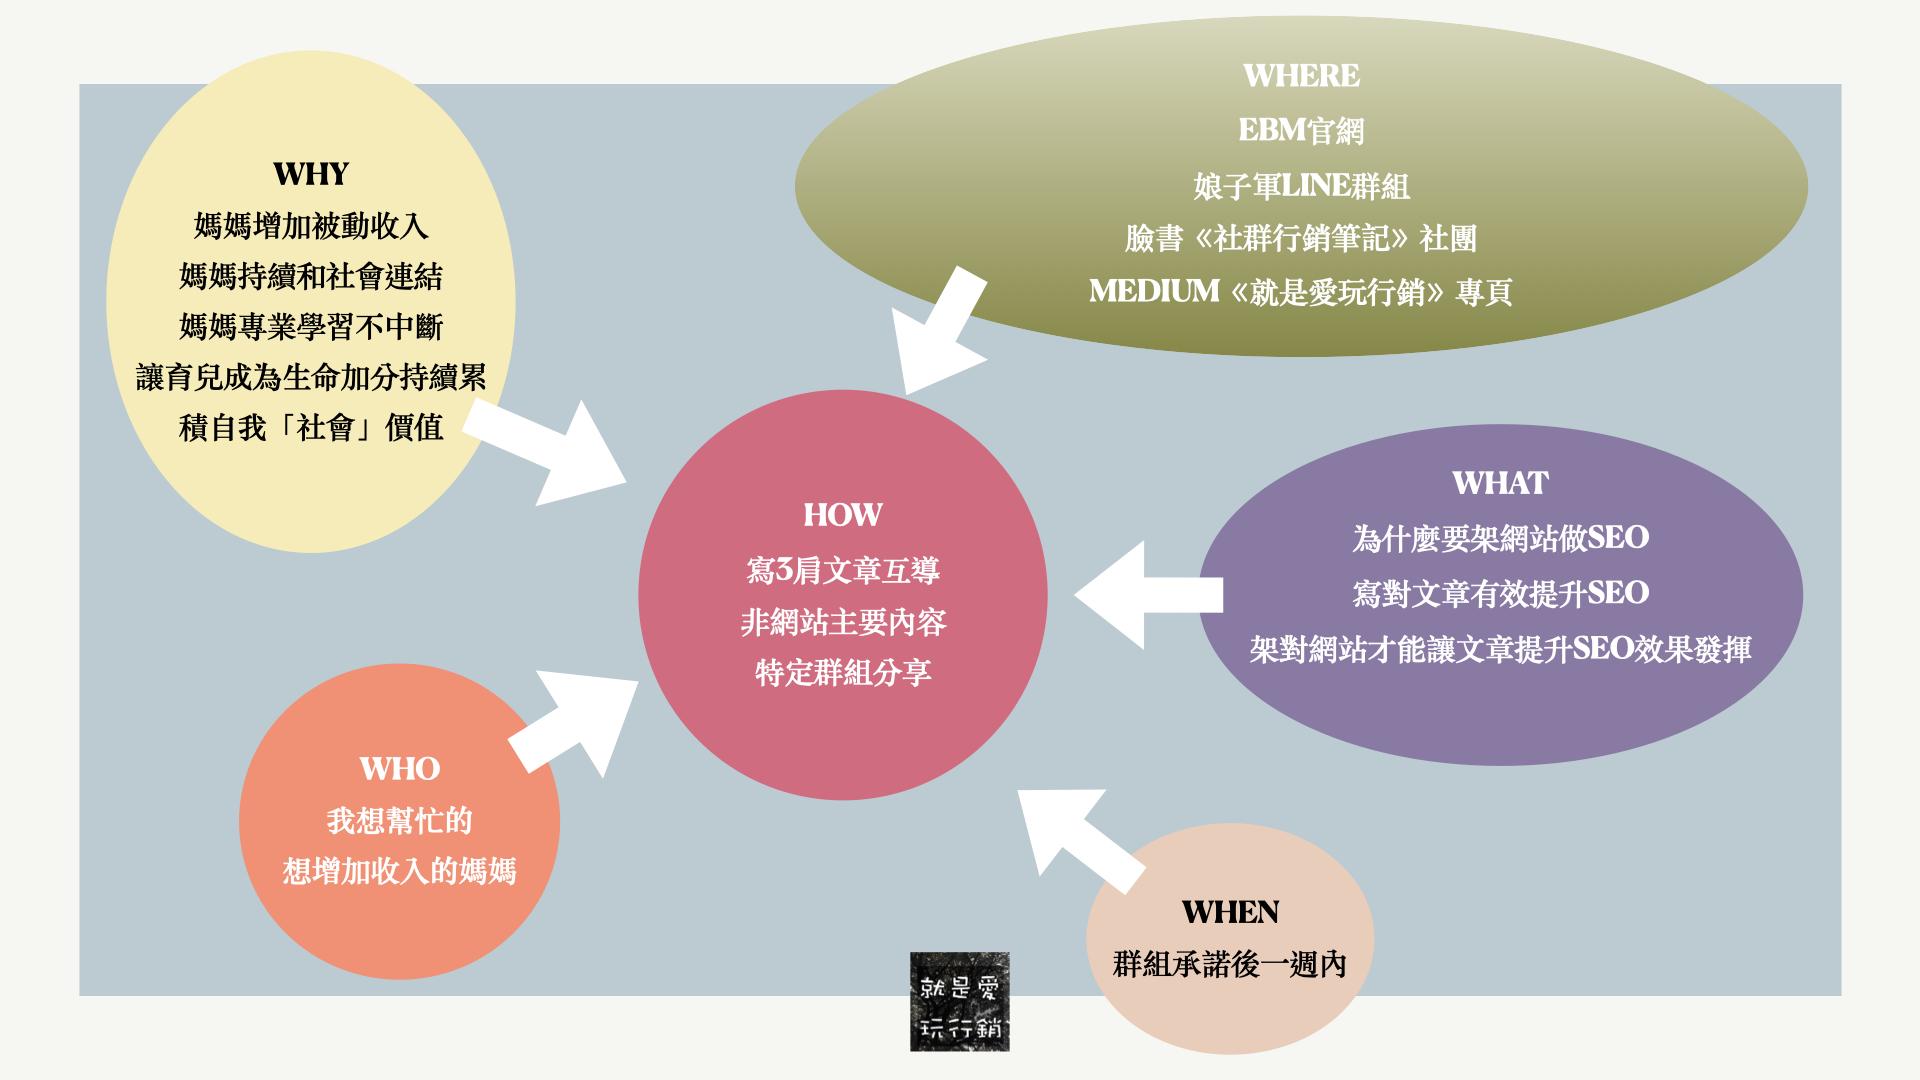 利用5W1H的提問思考工具,可以有效幫助架構SEO策略文章群的文章內容和執行步驟